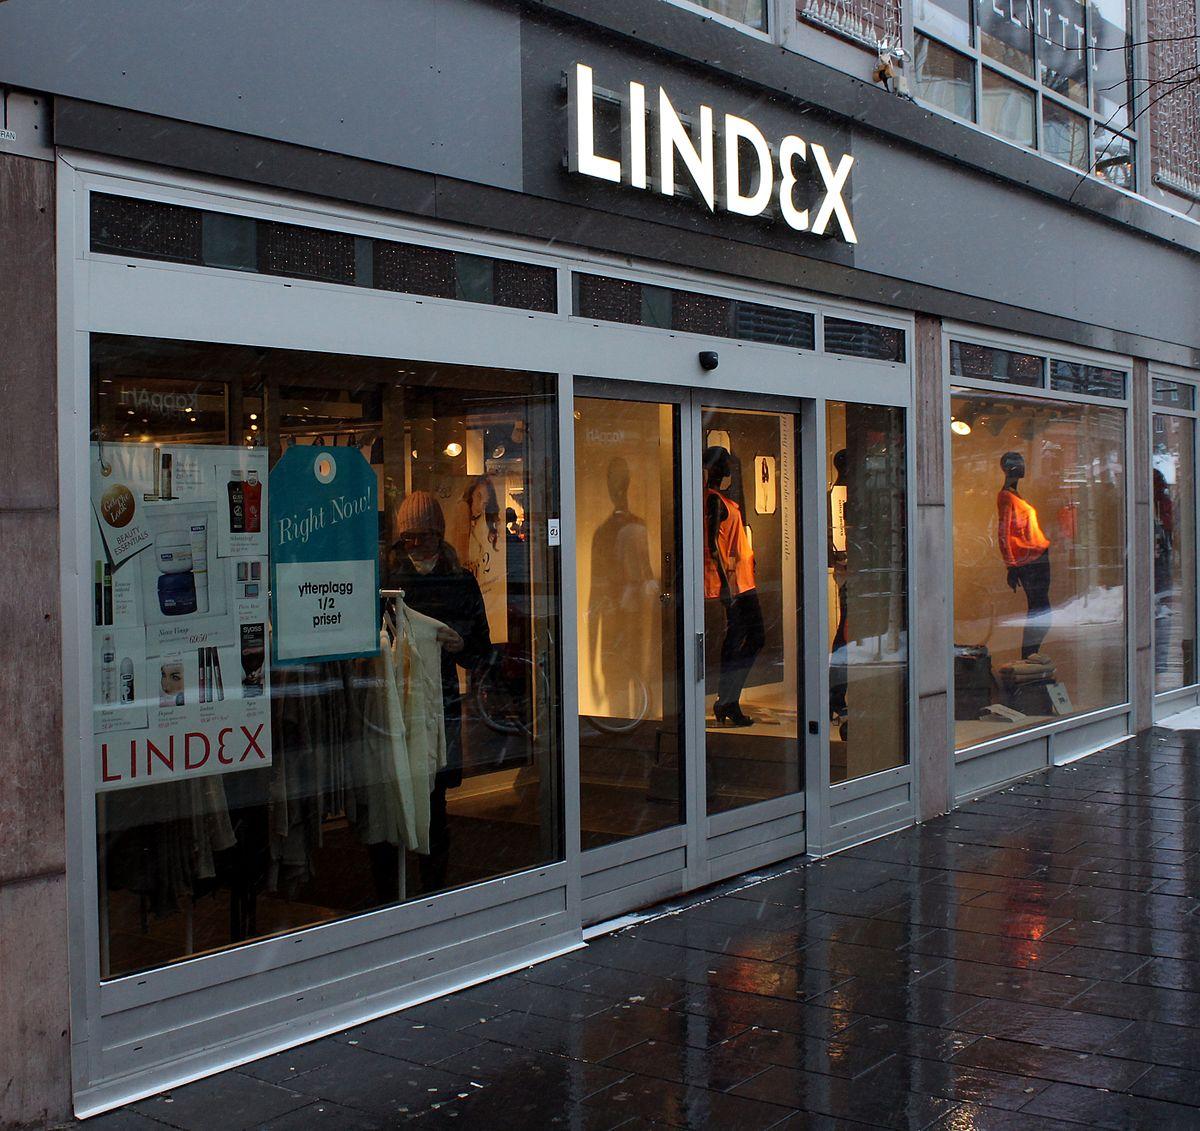 lindex – wikipedia